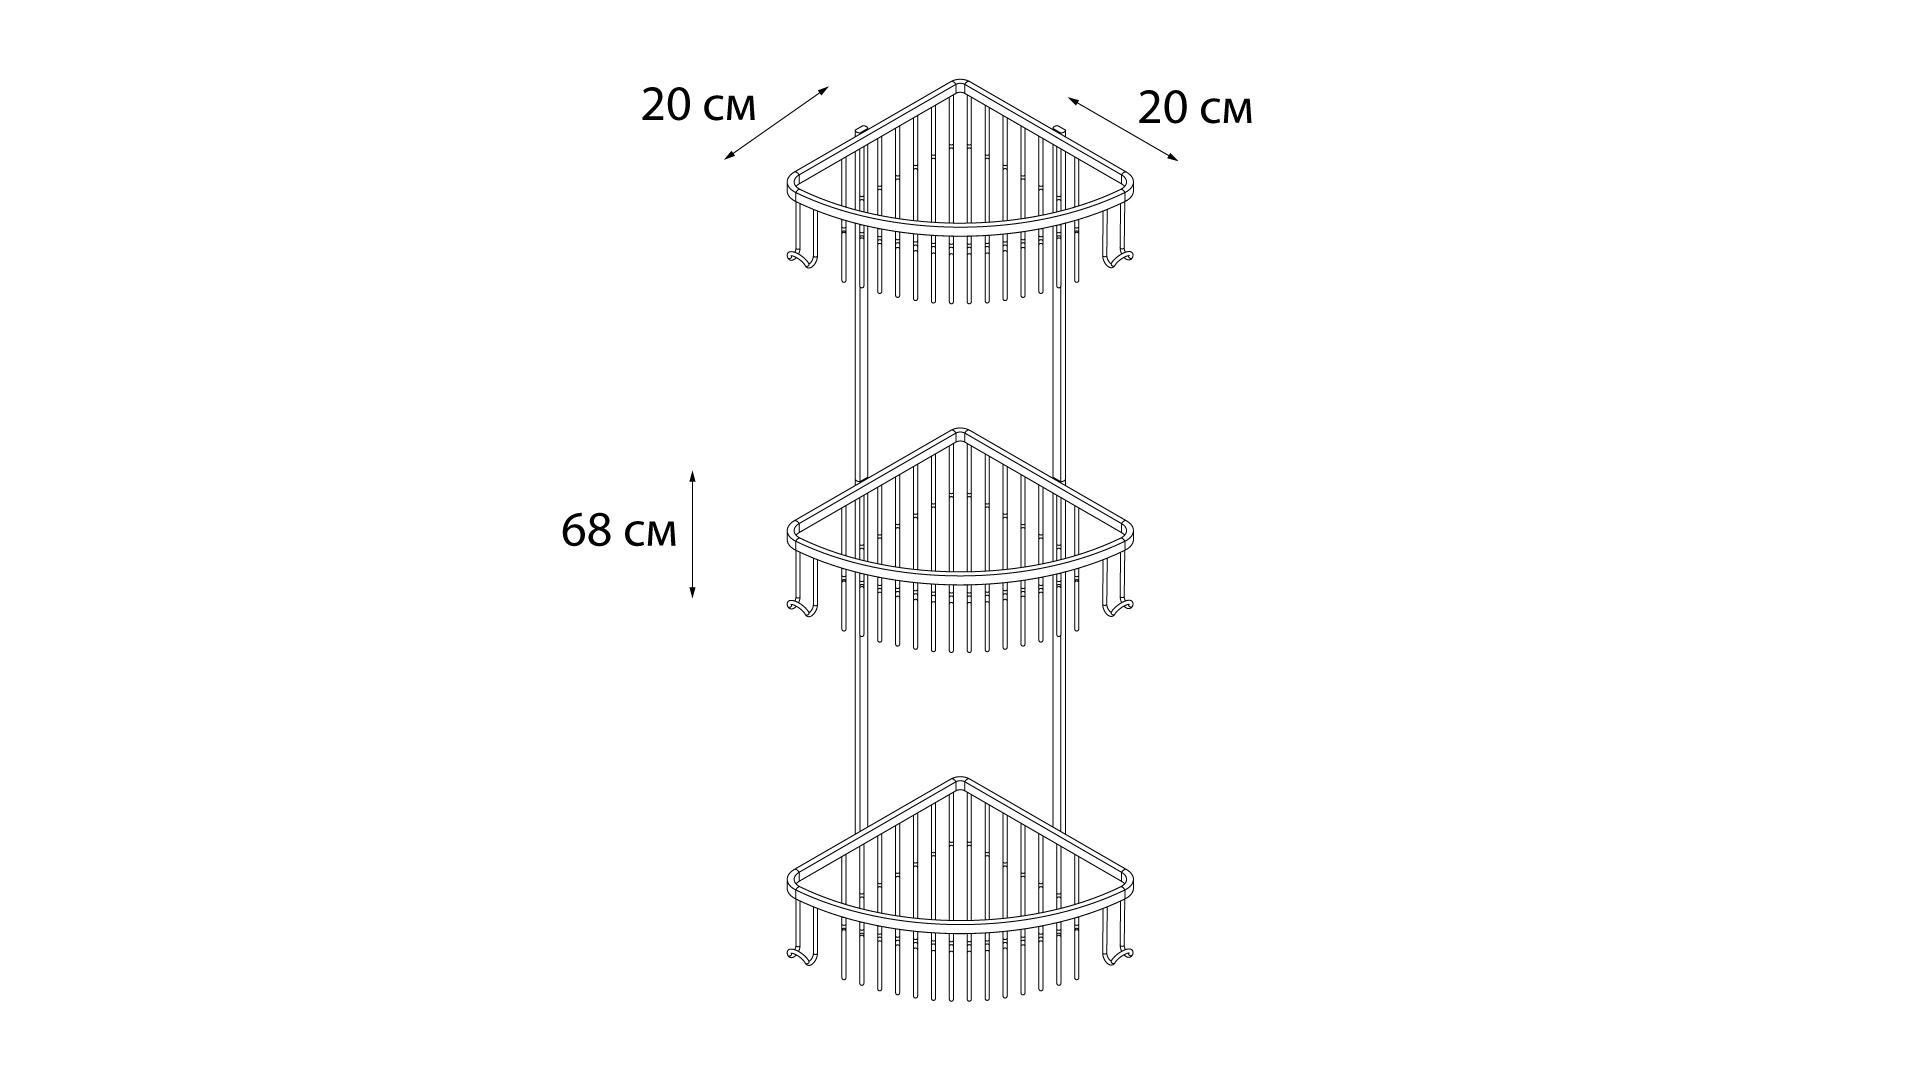 FIXSEN FX-858-3 Полка угловая трёхэтажная - купить в Нижневартовске